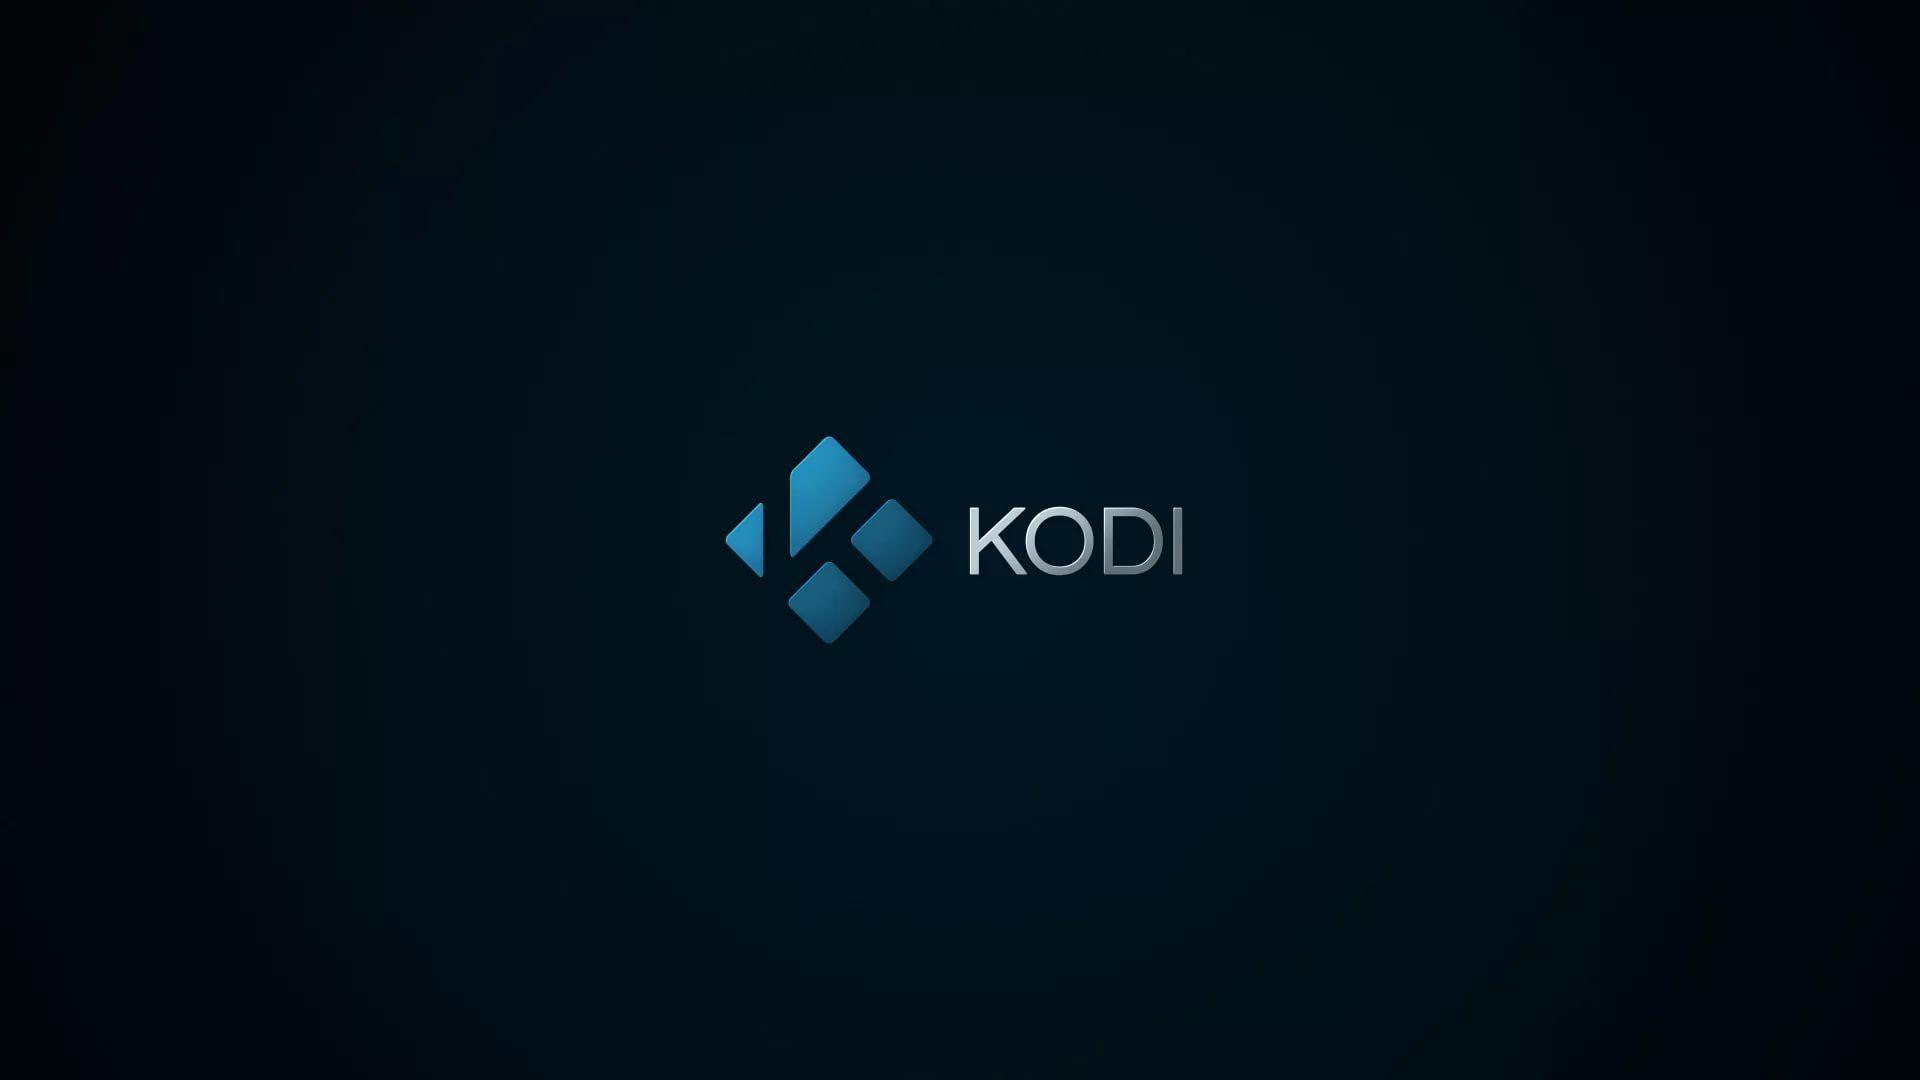 Kodi PC Wallpaper